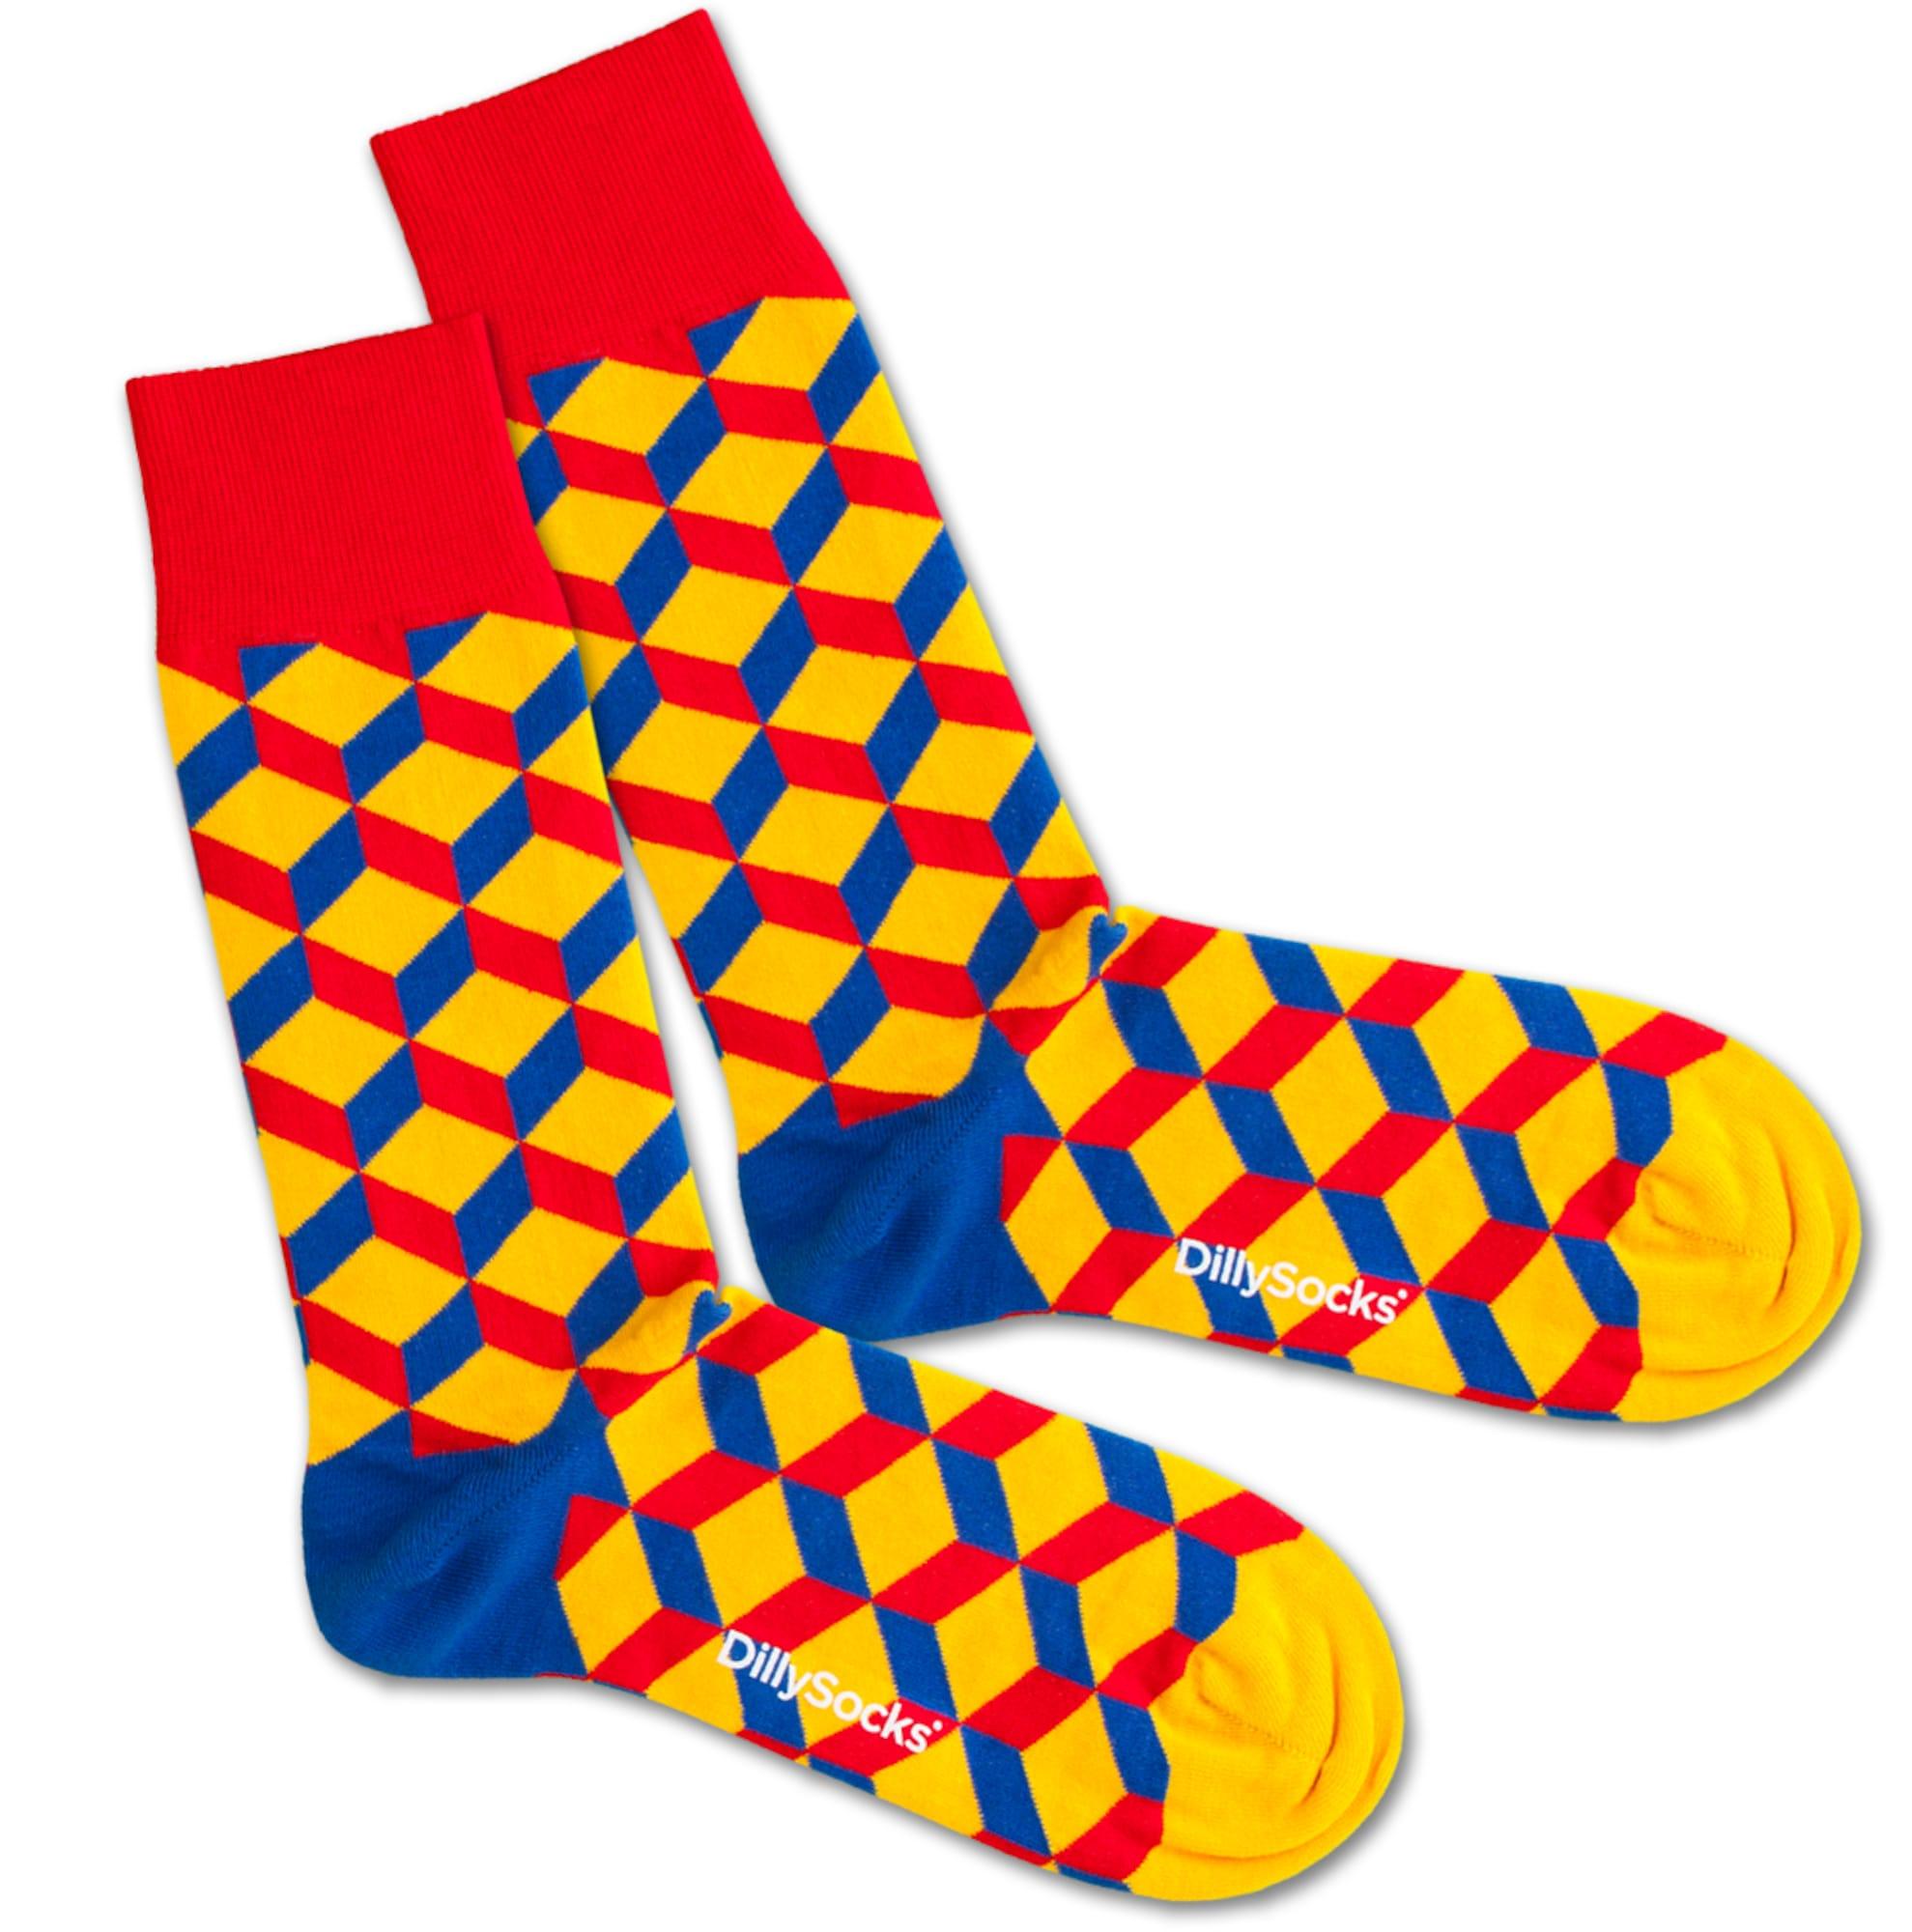 Ponožky Big Lego Dice modrá žlutá červená DillySocks